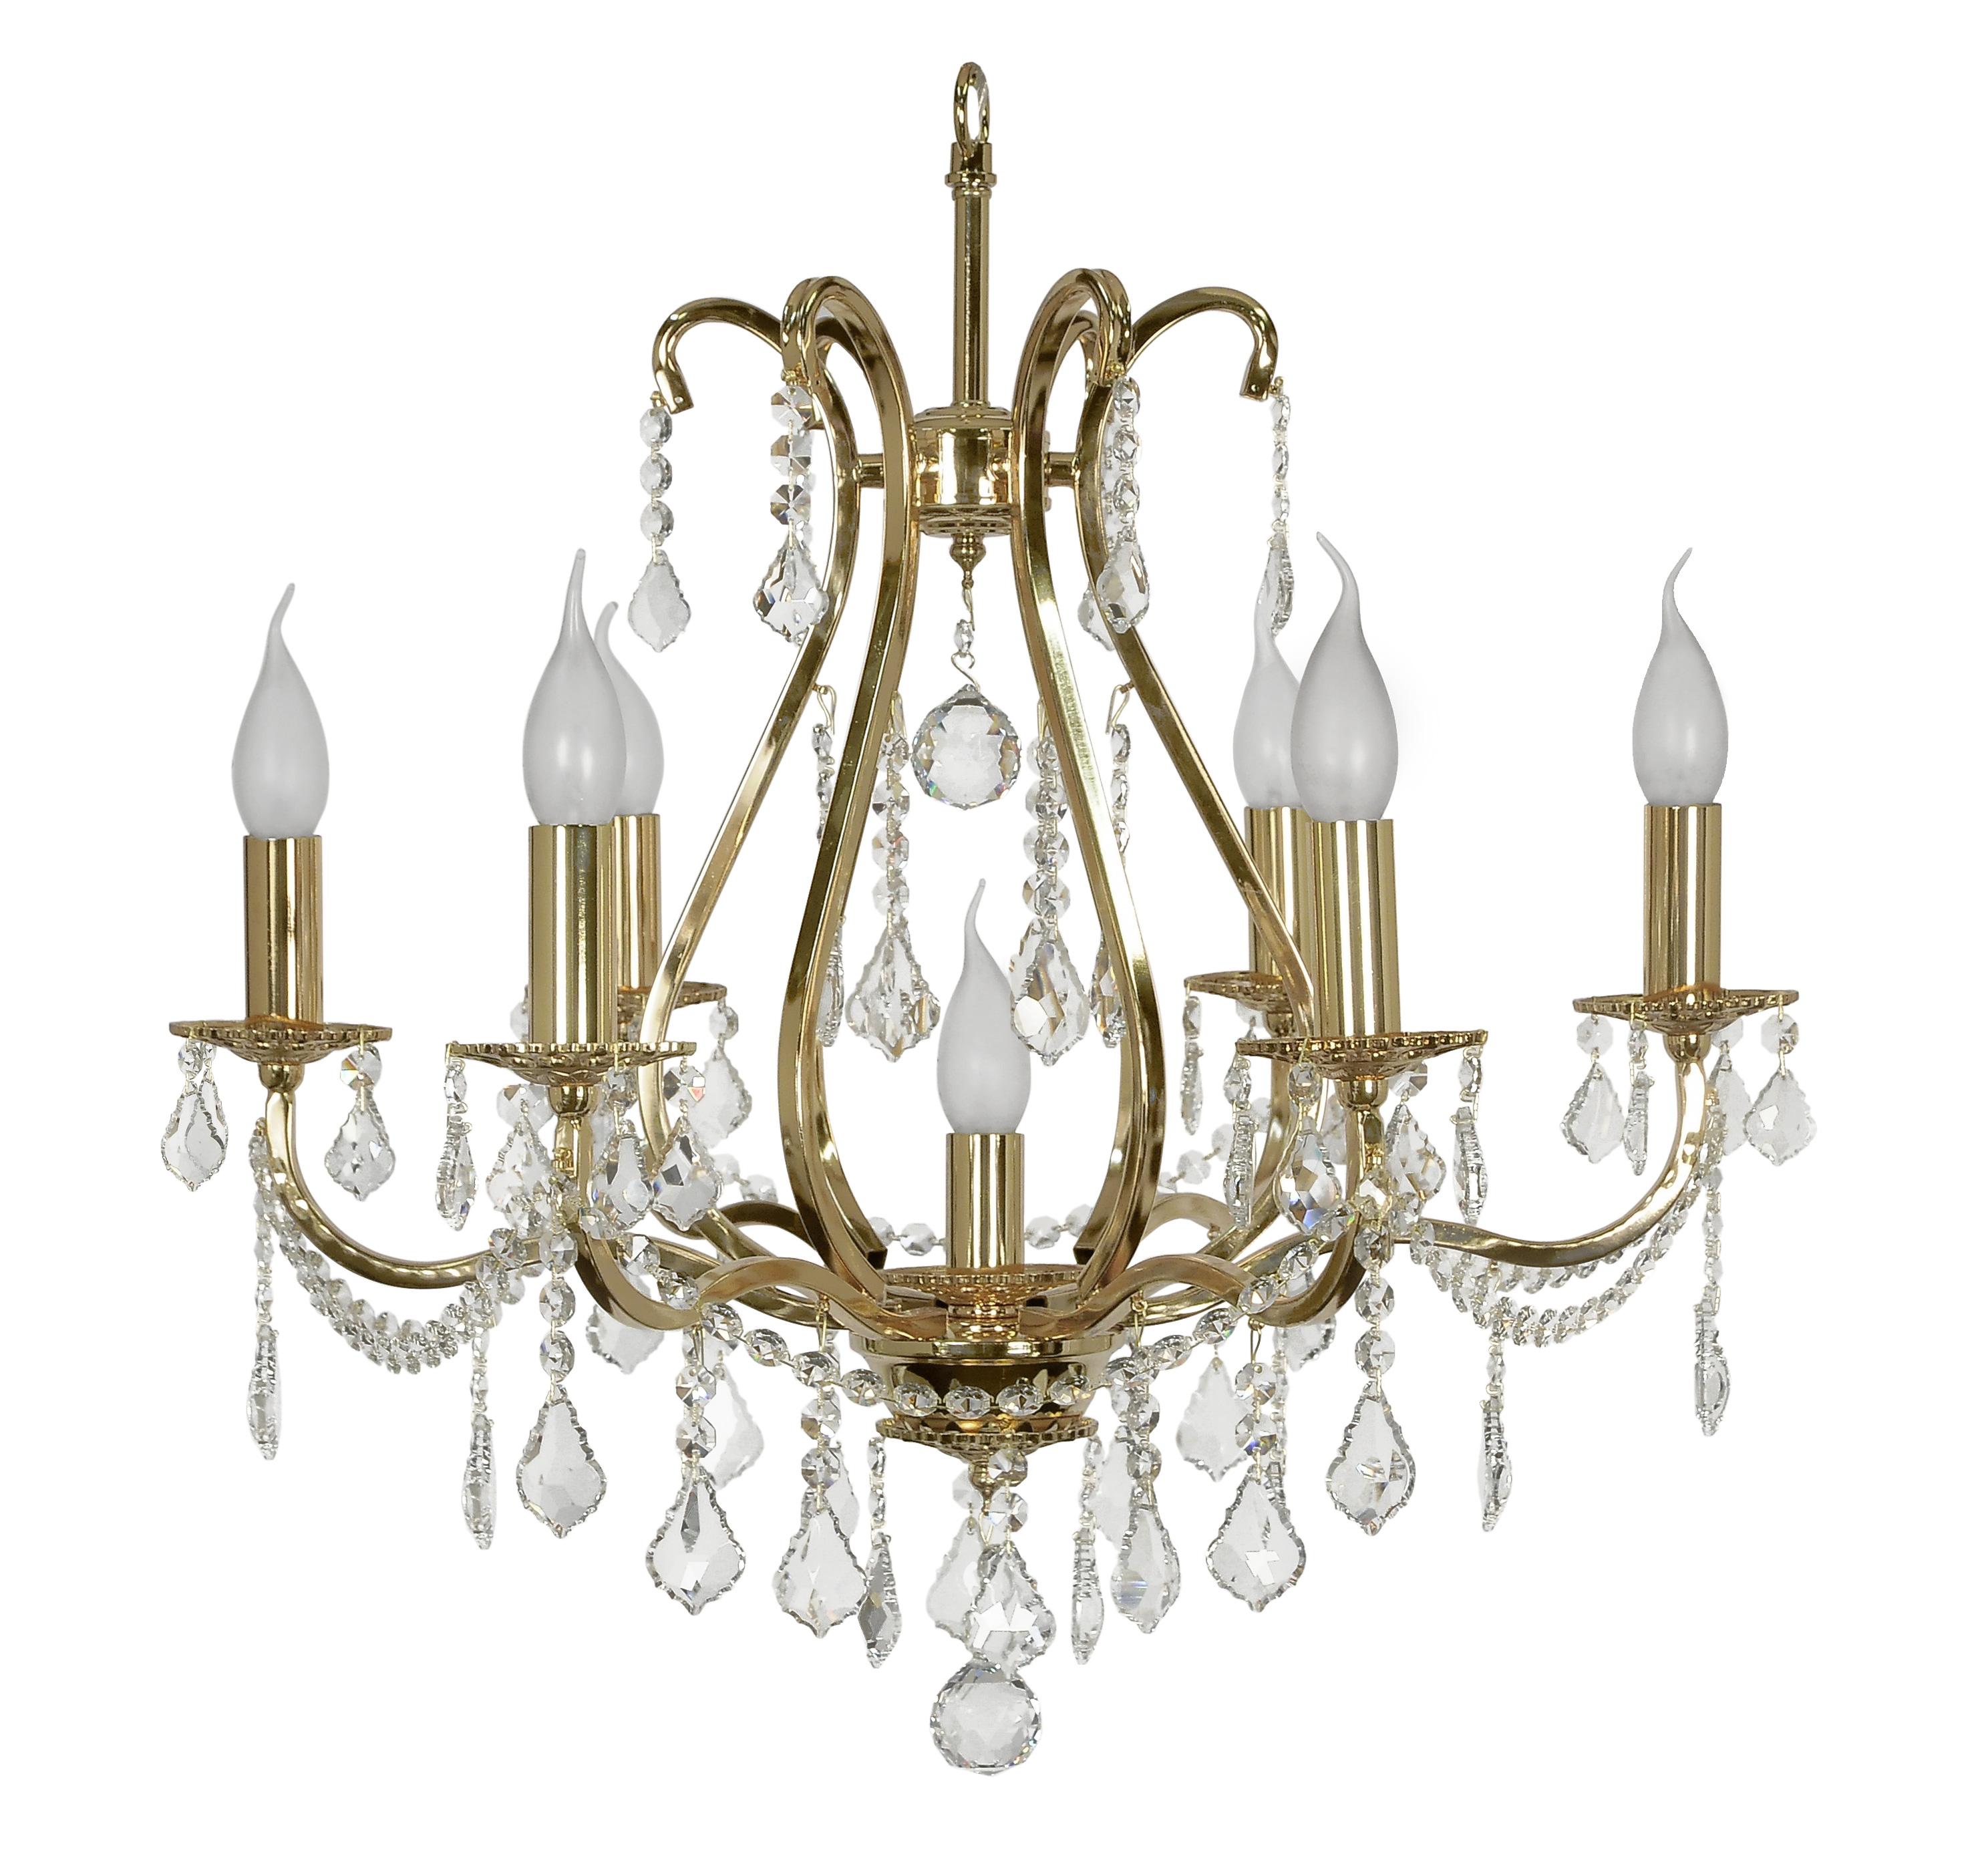 Люстра Arti lampadariЛюстры<br>Назначение светильника: для комнаты,<br>Стиль светильника: классика,<br>Материал плафона: стекло, хрусталь,<br>Материал арматуры: металл,<br>Диаметр: 550,<br>Высота: 600,<br>Количество ламп: 7,<br>Тип лампы: накаливания,<br>Мощность: 40,<br>Патрон: Е14,<br>Цвет арматуры: золото<br>